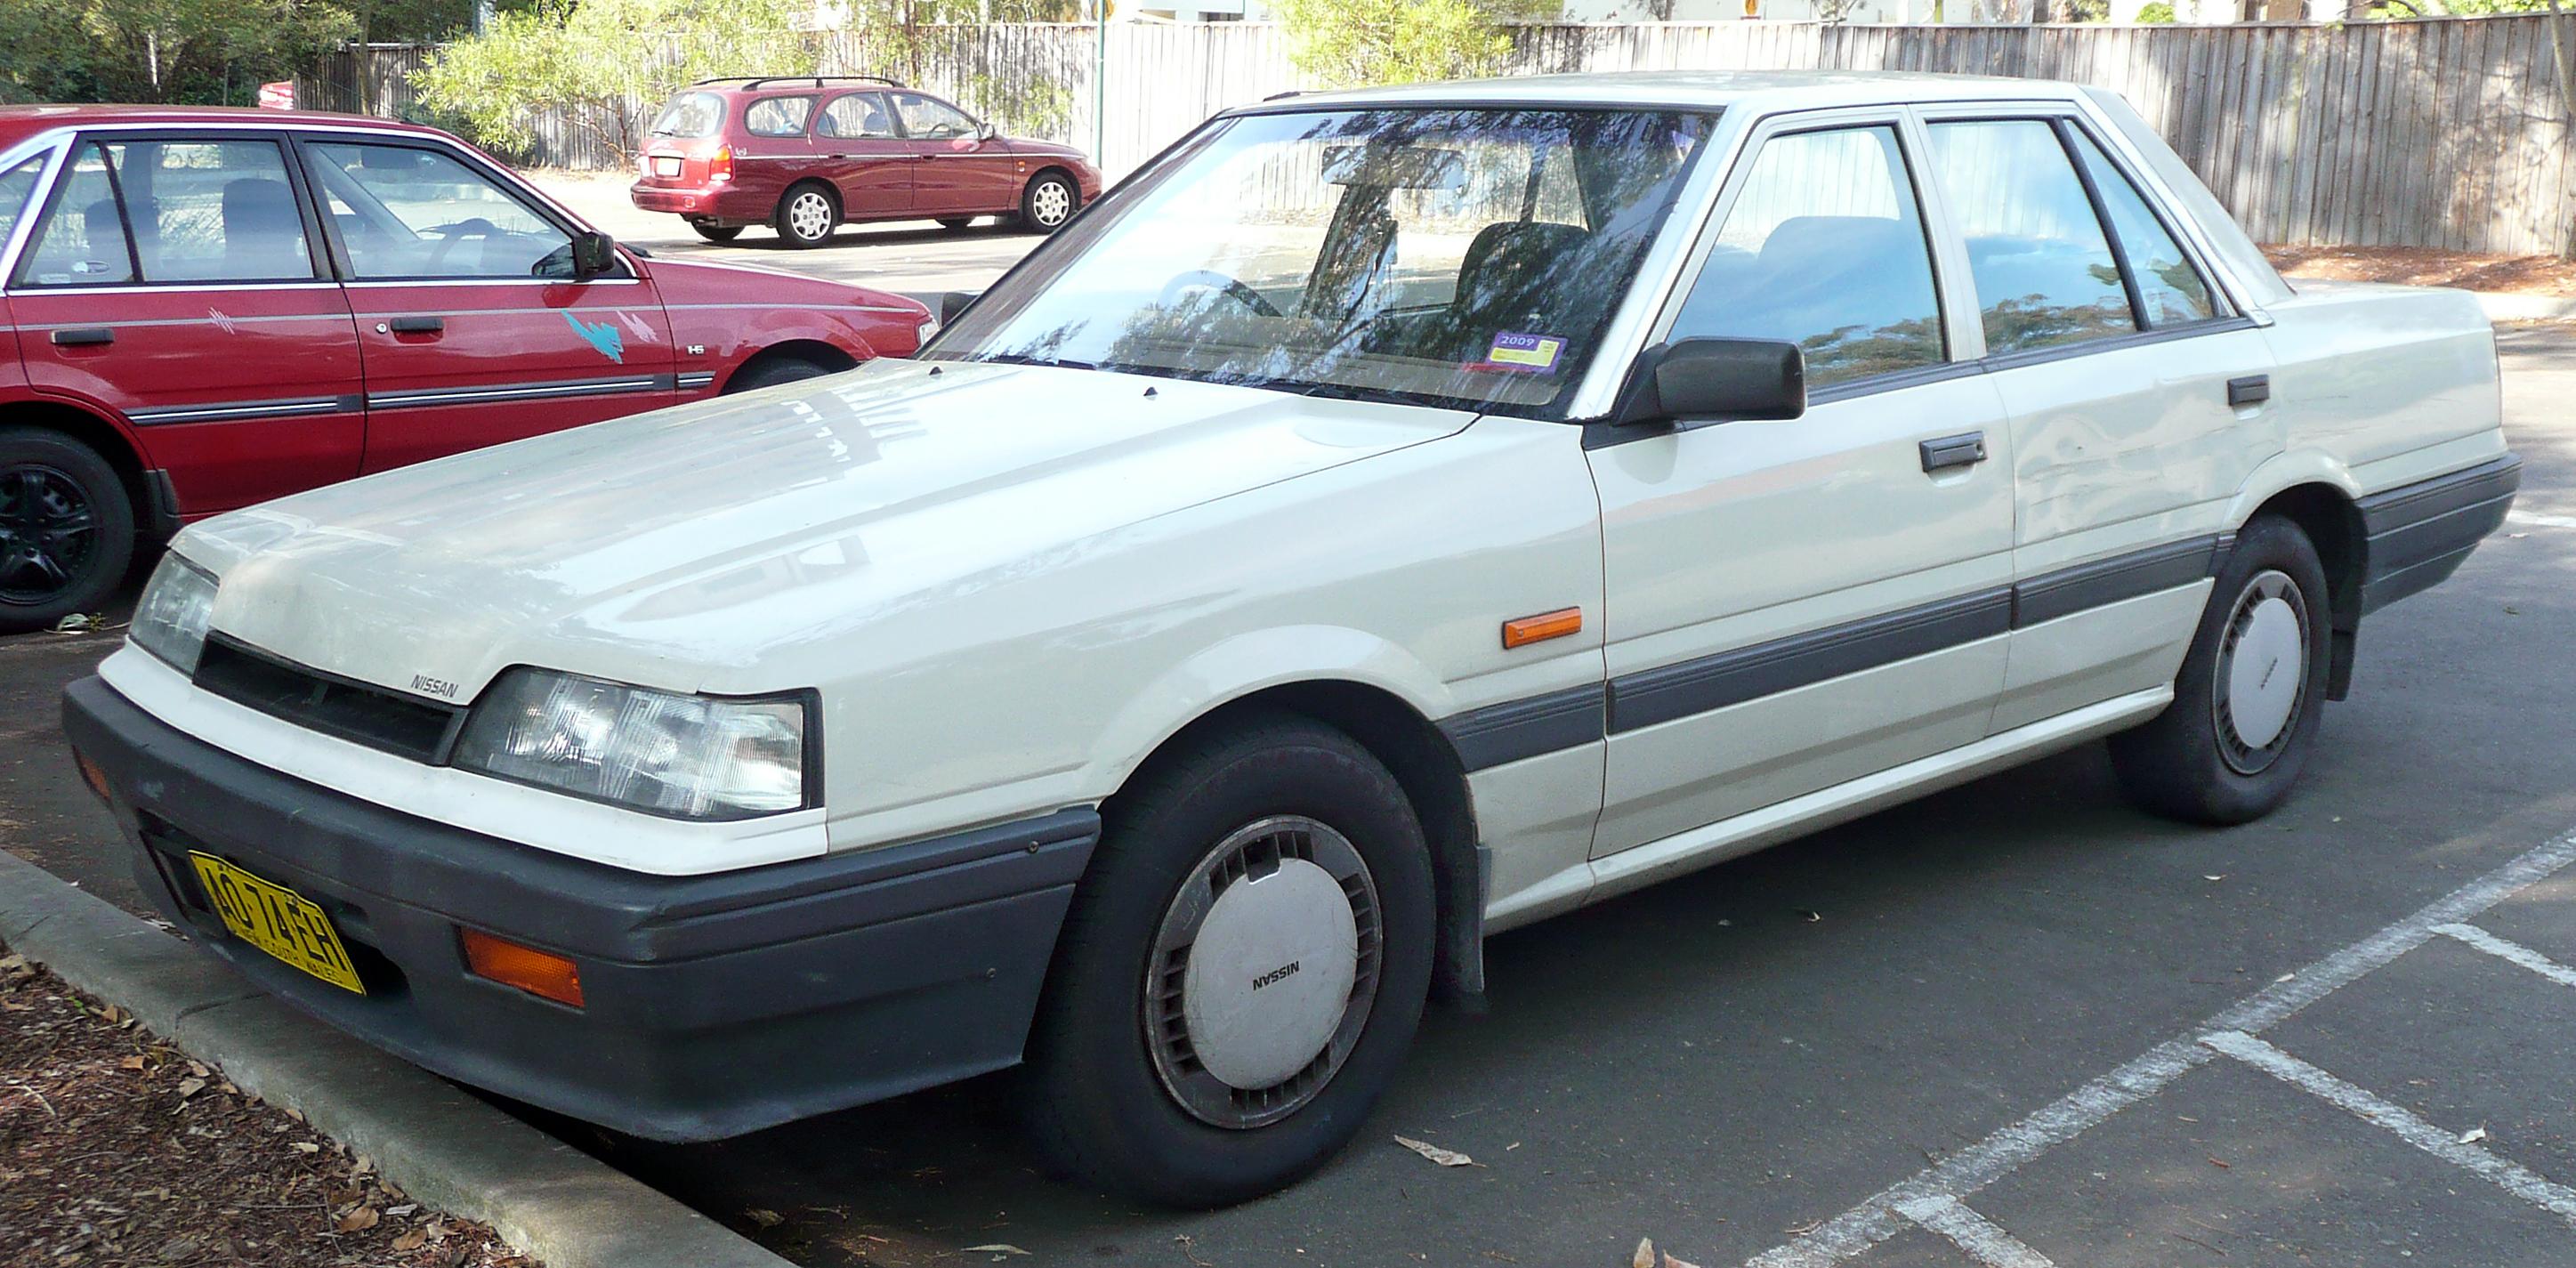 Nissan Skyline VII (R31) 1985 - 1989 Sedan #2